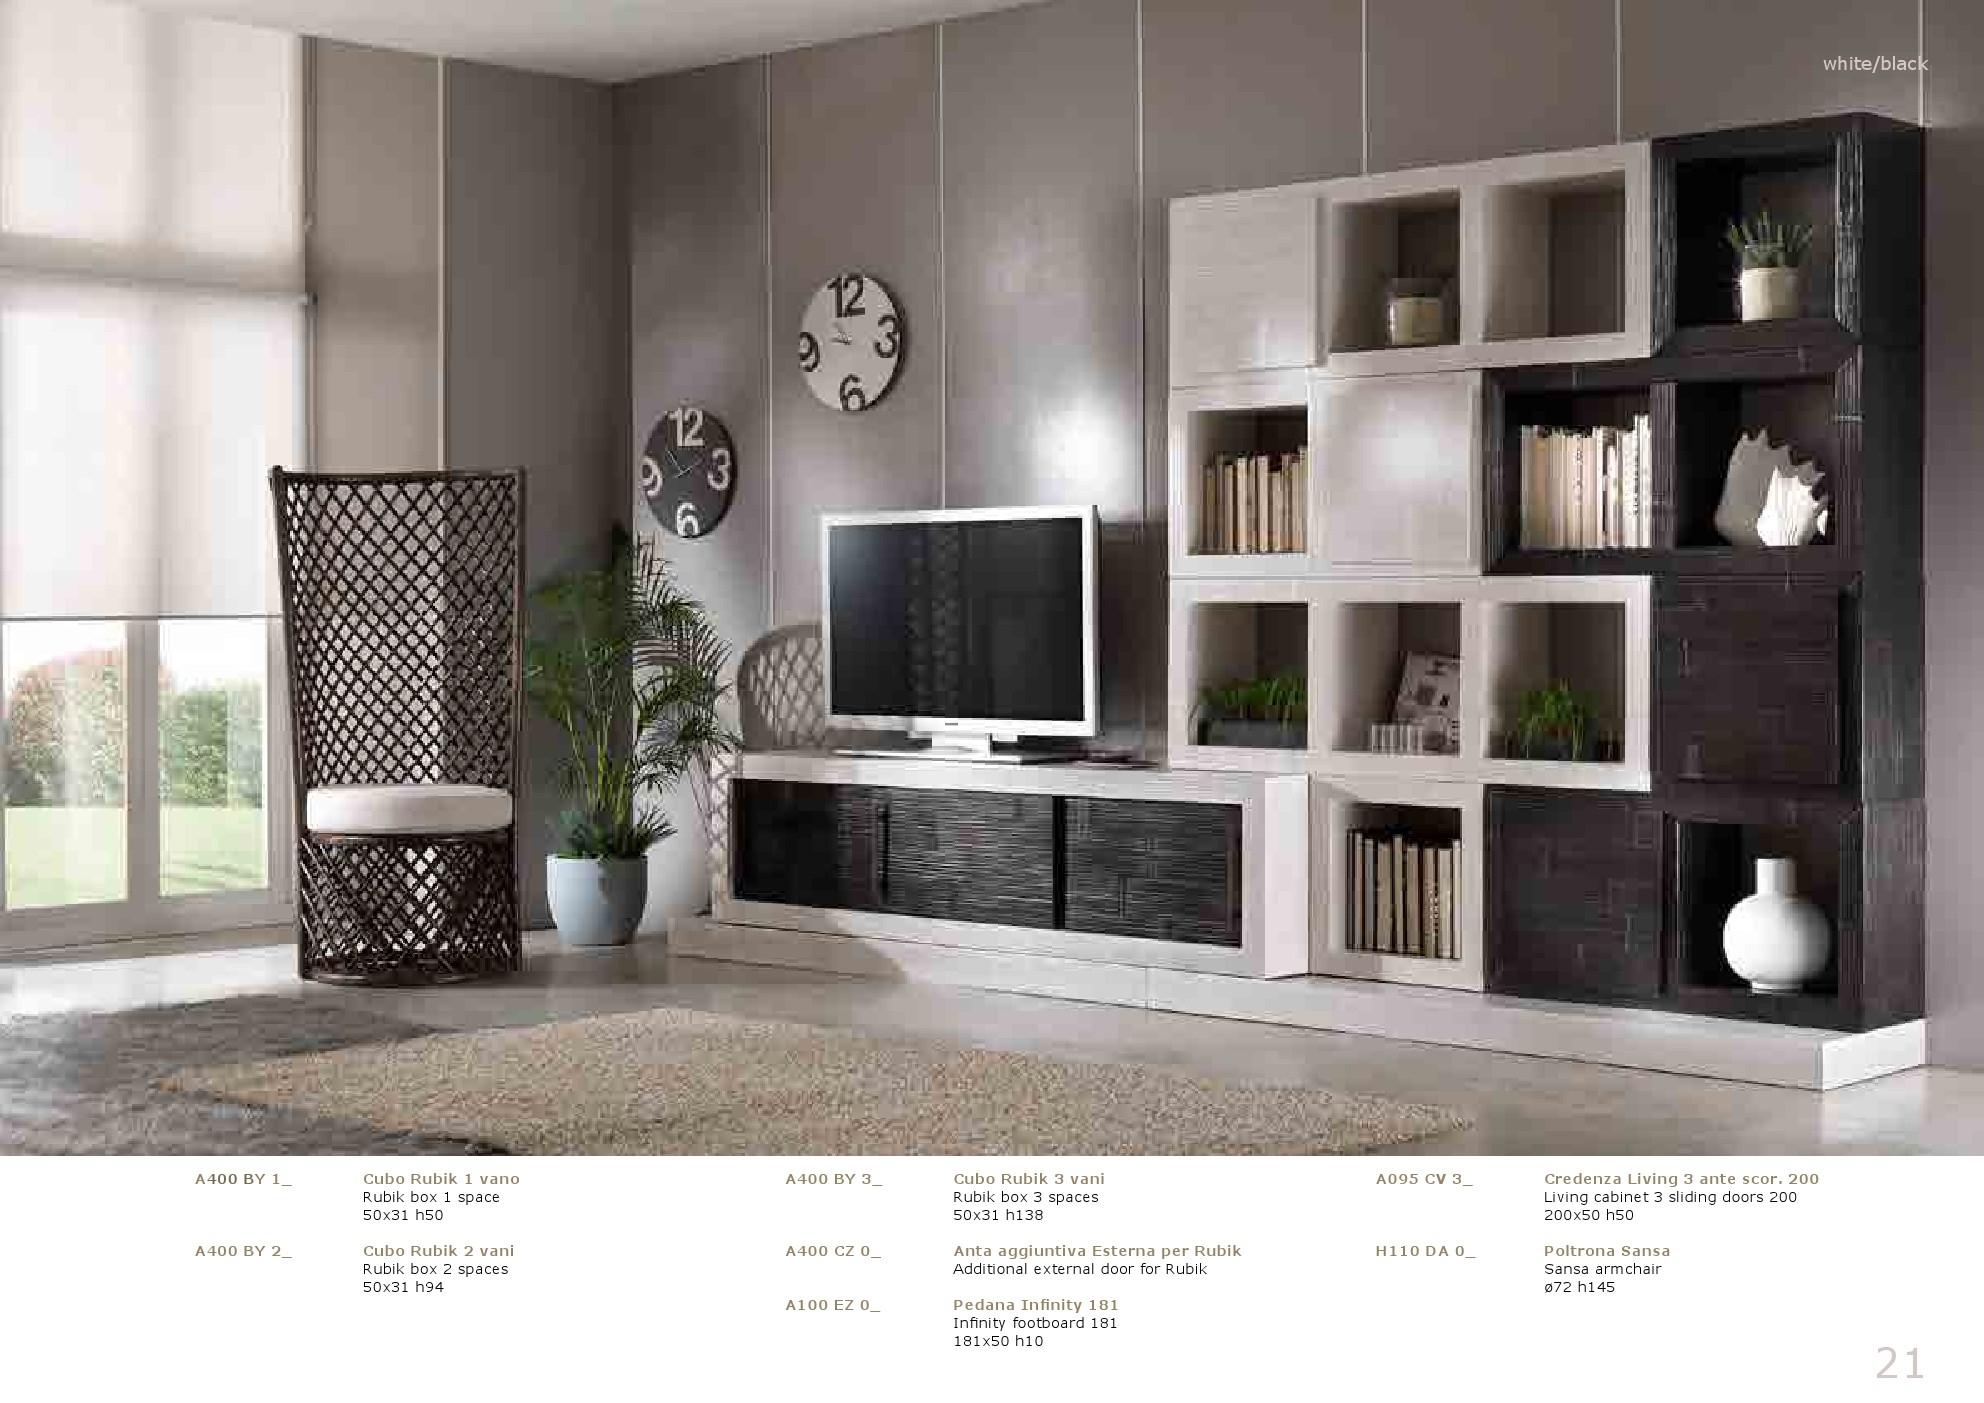 cucina e soggiorno. vetrate scorrevoli con telaio ligneo per ... - Ambiente Unico Cucina Salotto 2